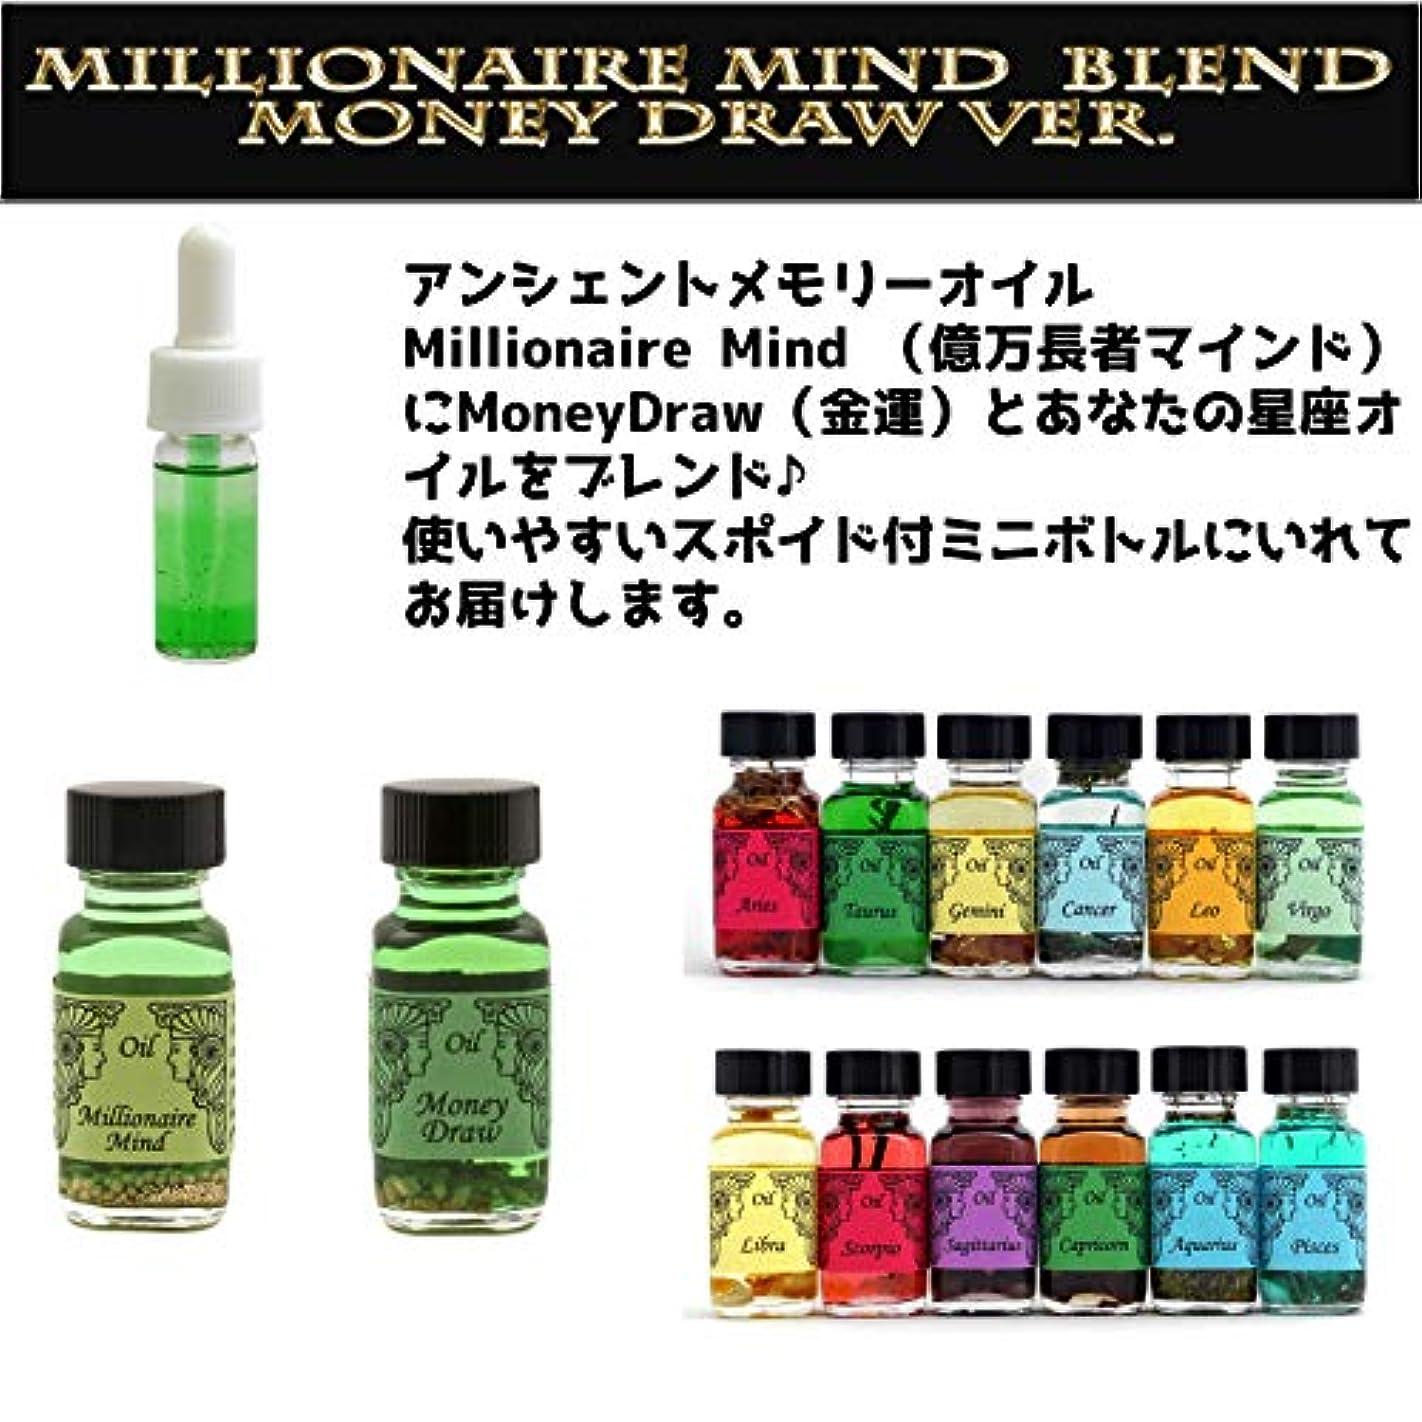 乏しい滅多探偵アンシェントメモリーオイル Millionaire Mind 億万長者マインド ブレンド(Money Drawマネードロー(金運)&てんびん座